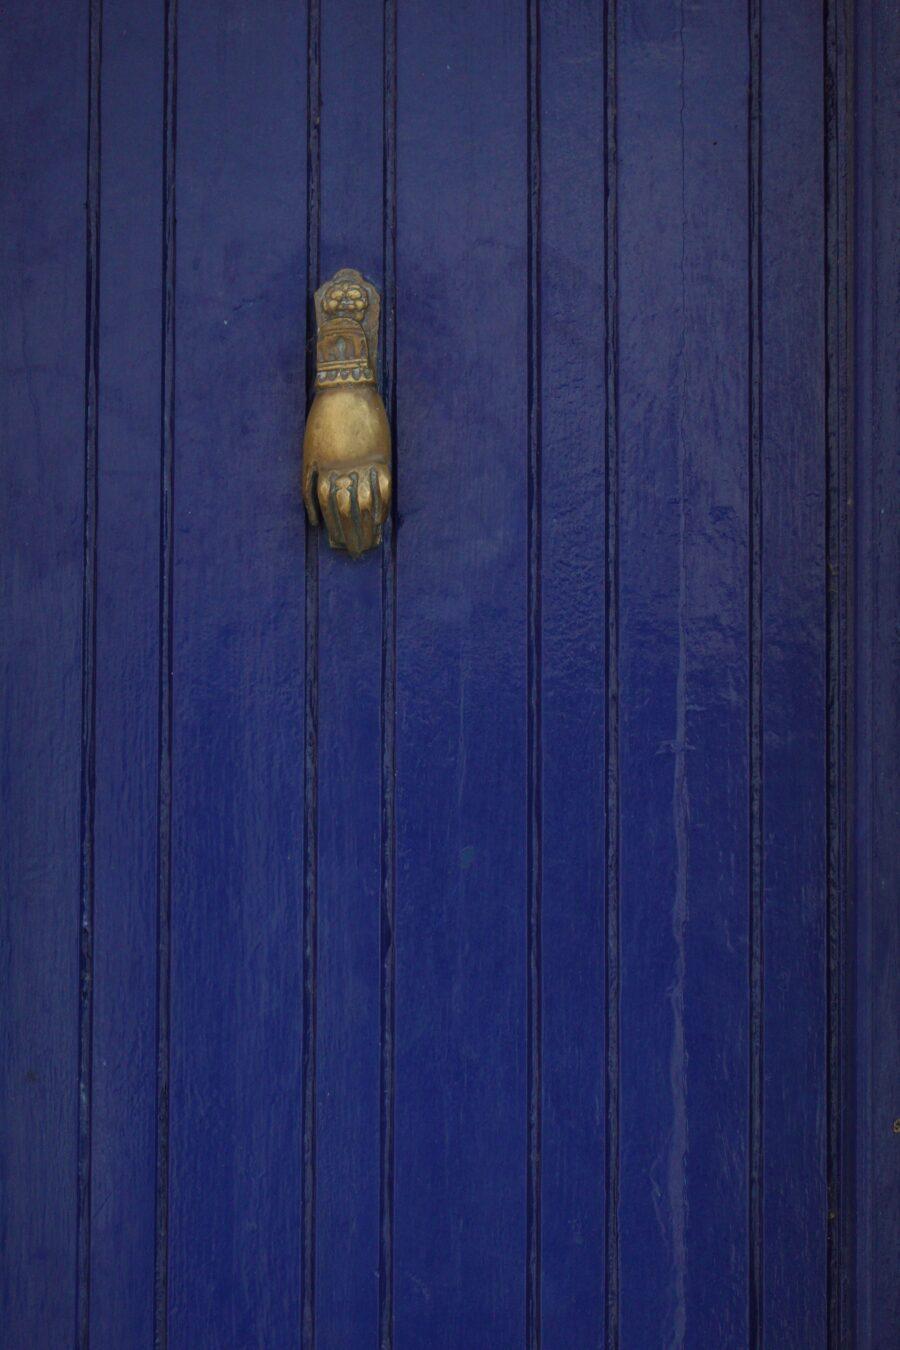 old blue door with bronze door knocker free stock photo